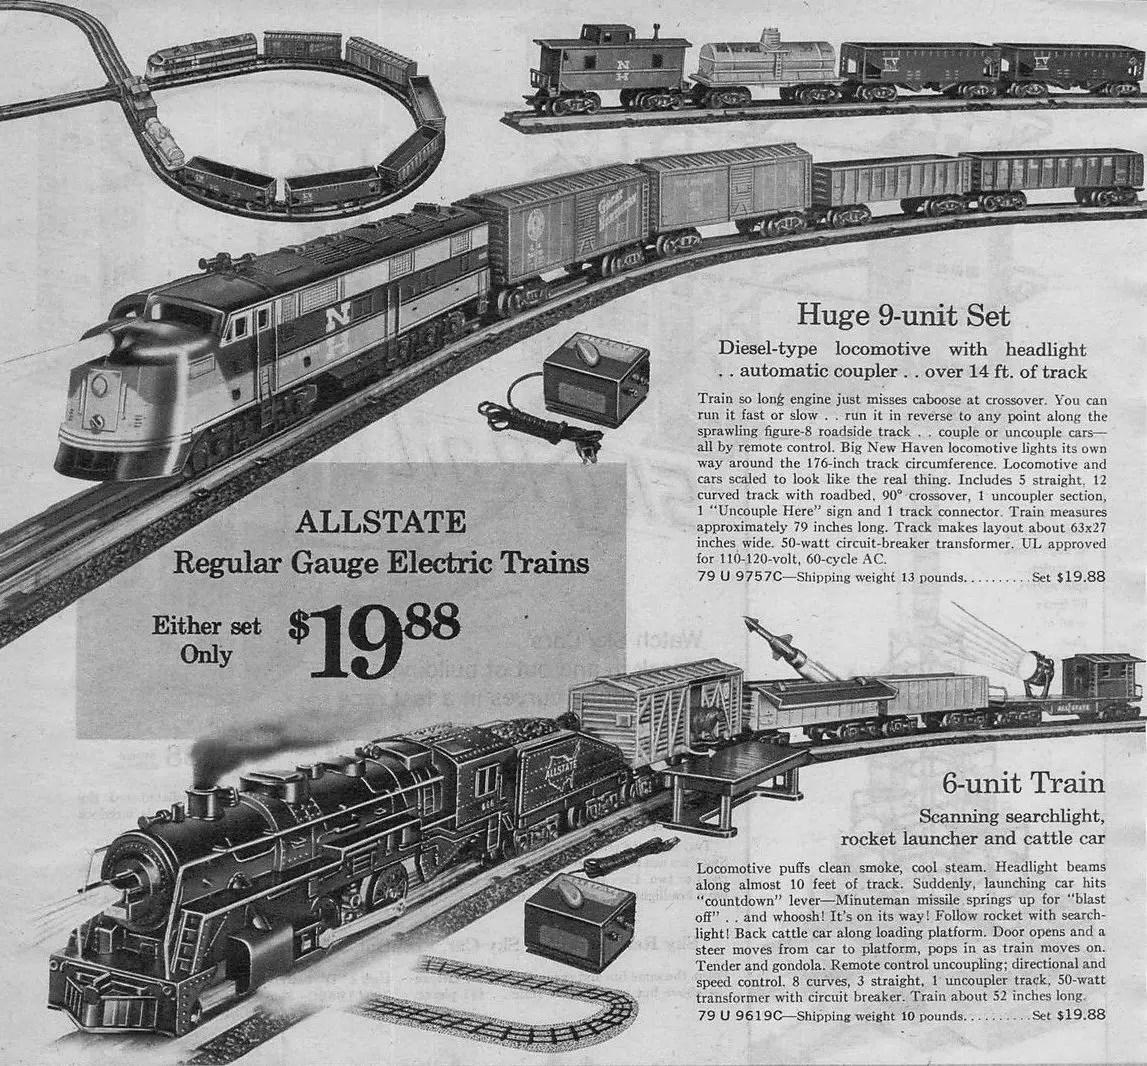 Allstate Electric Train Ad